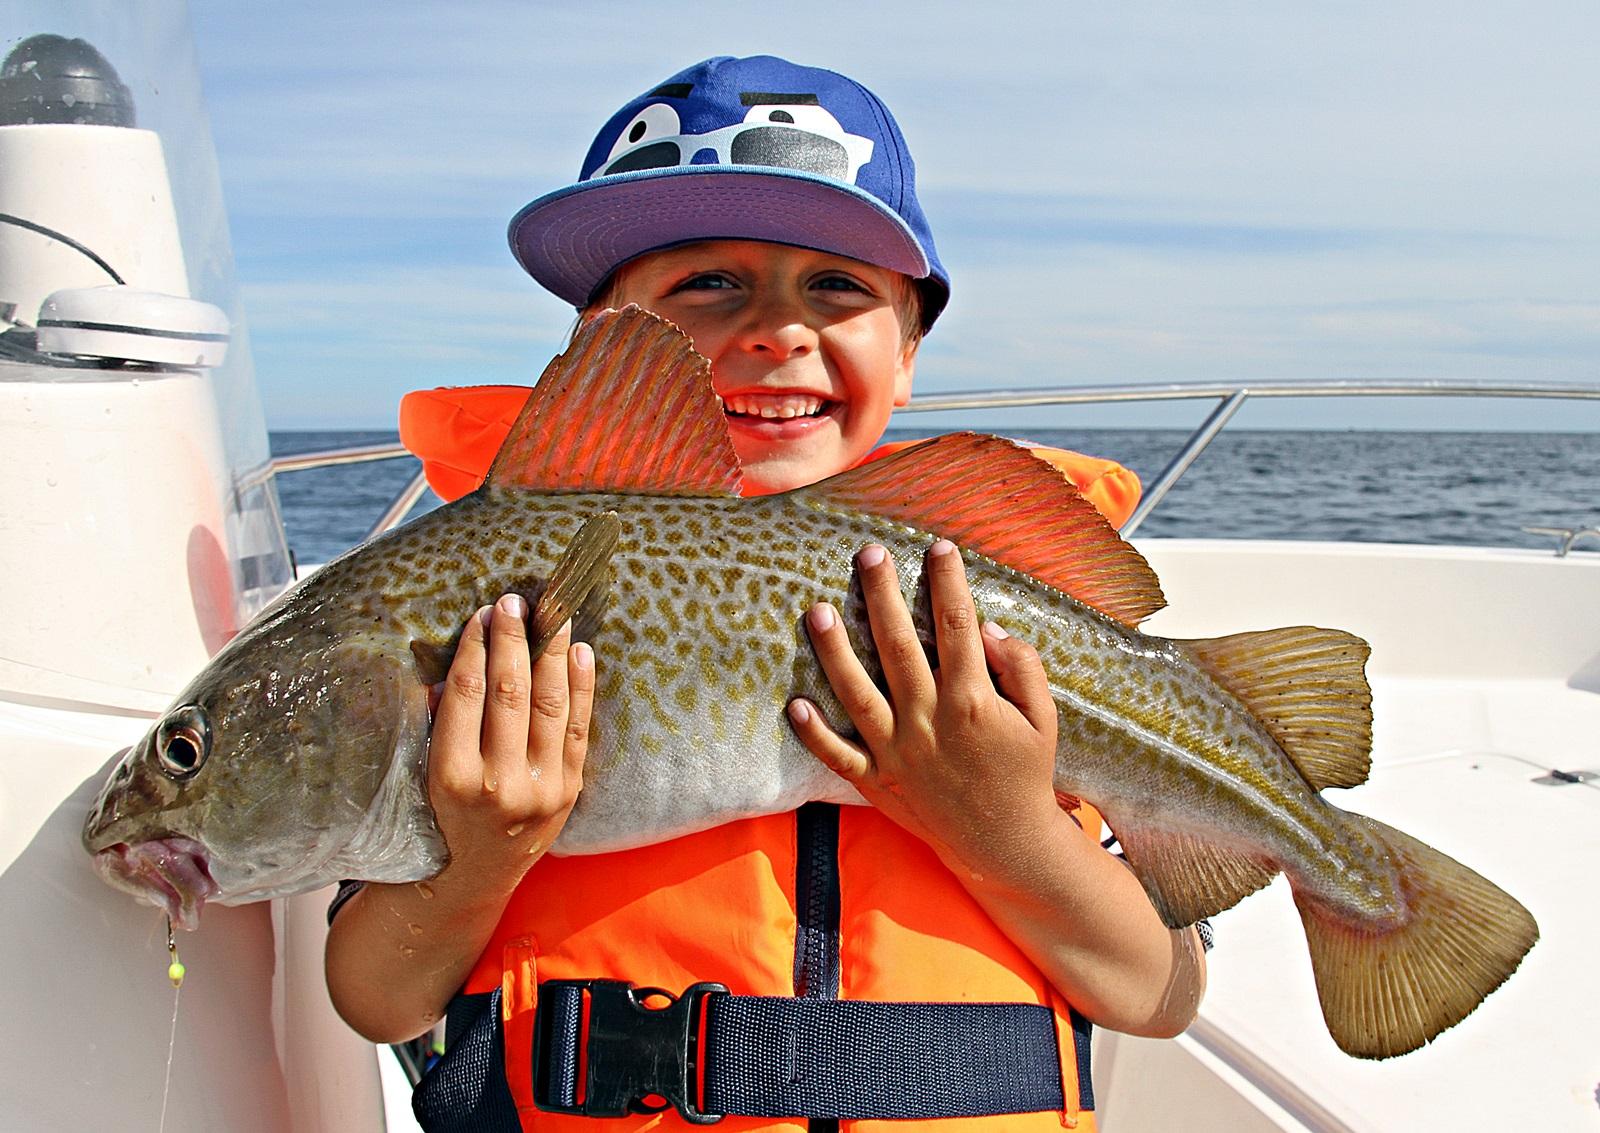 kanskje de kommende generasjoner ikke får fiske torsk på sør og østlandet?